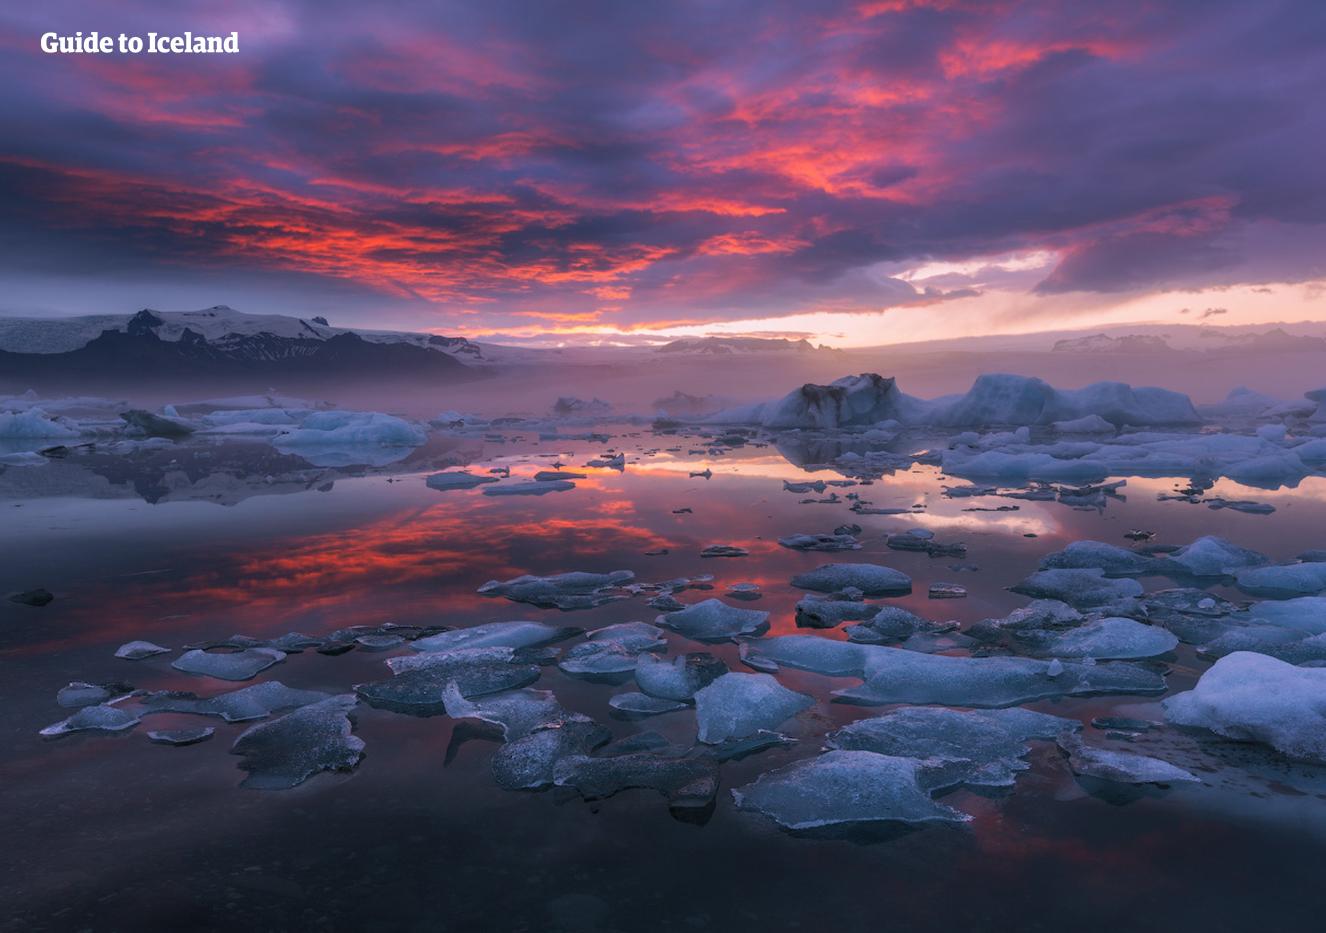 Die Gletscherlagune Jökulsarlon ist eine der schönsten Naturattraktionen Islands.